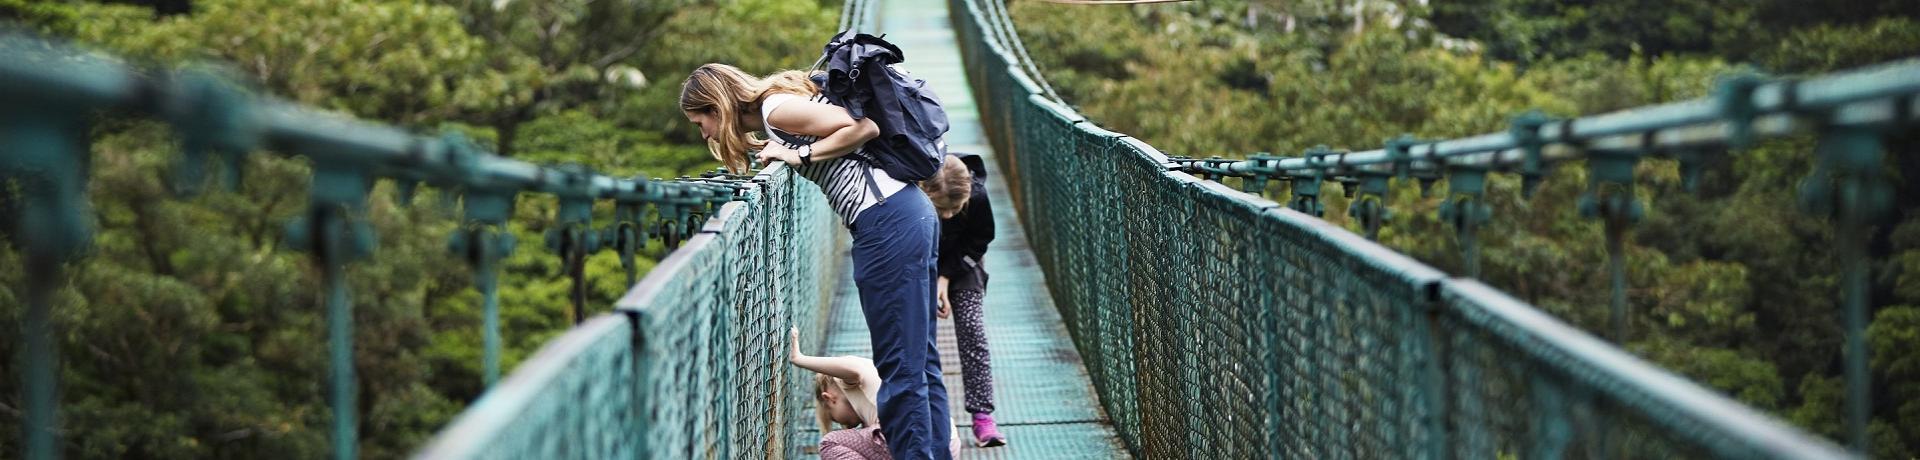 Emotionbild Familienausflüge Deutschland GettyImages-763172559.jpg